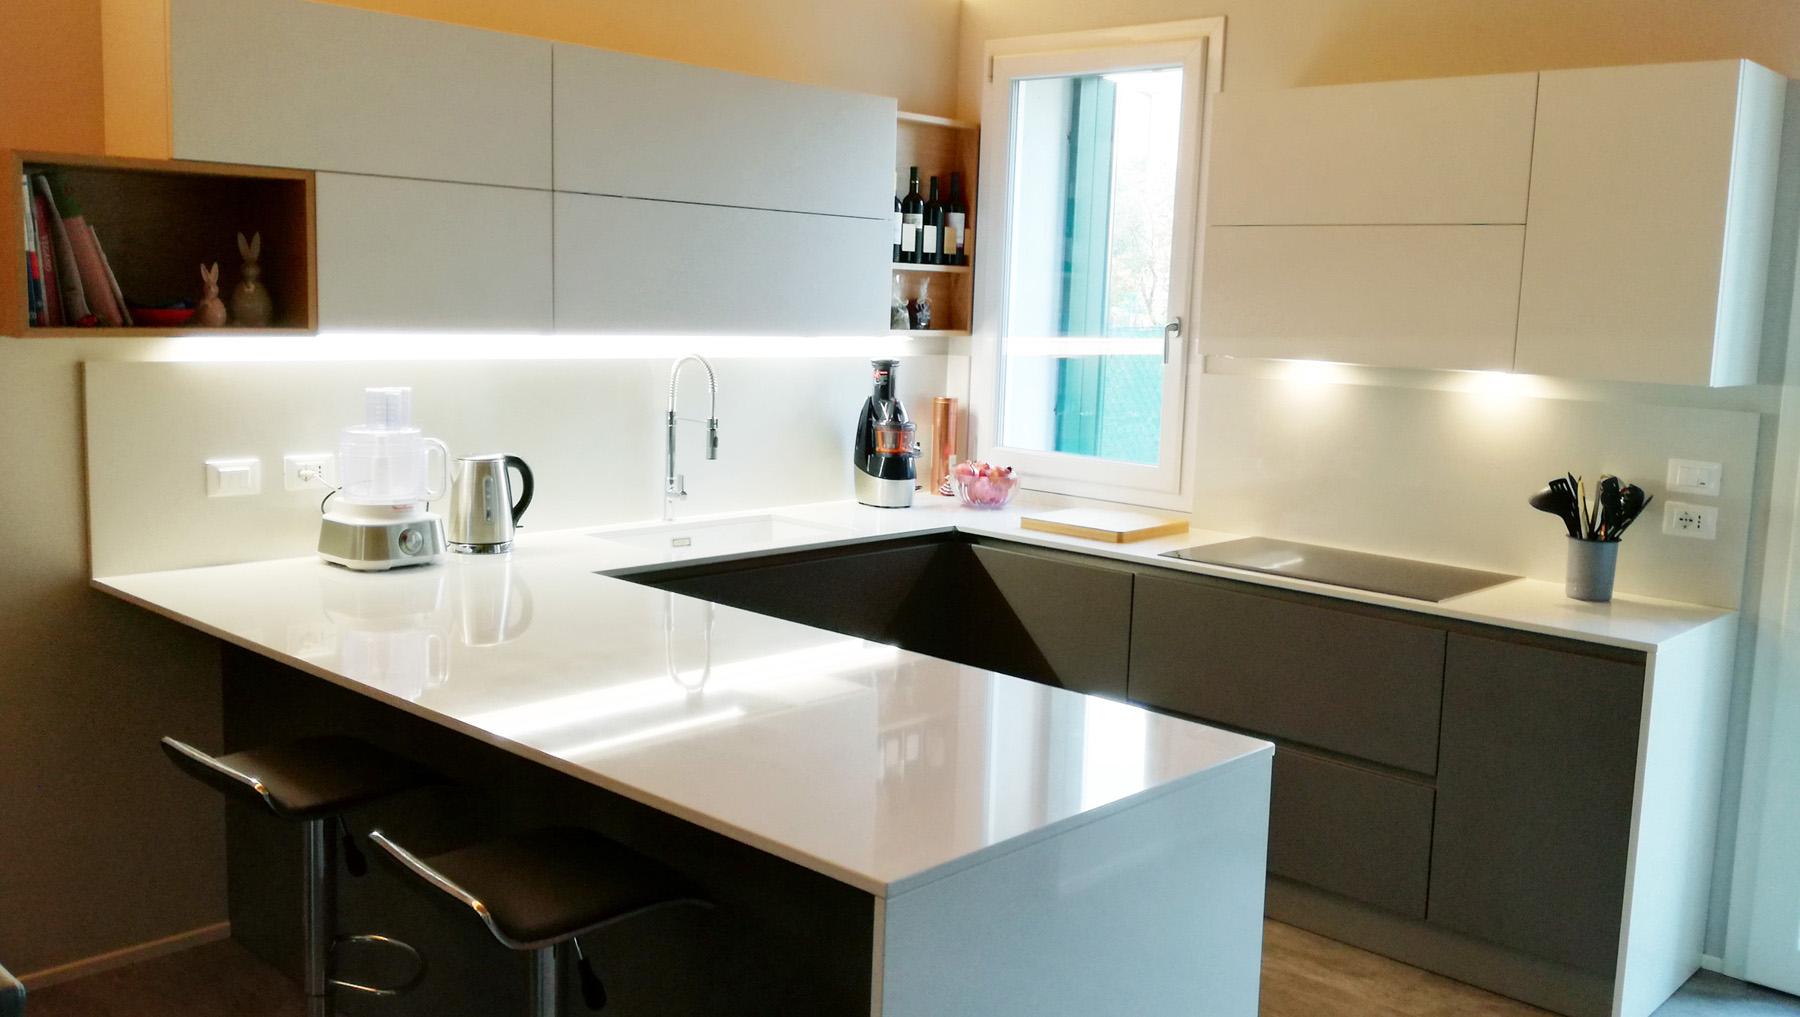 Cucine Bianco Grigio : Cucina laccata grigio e bianco con penisola e colonne incassate